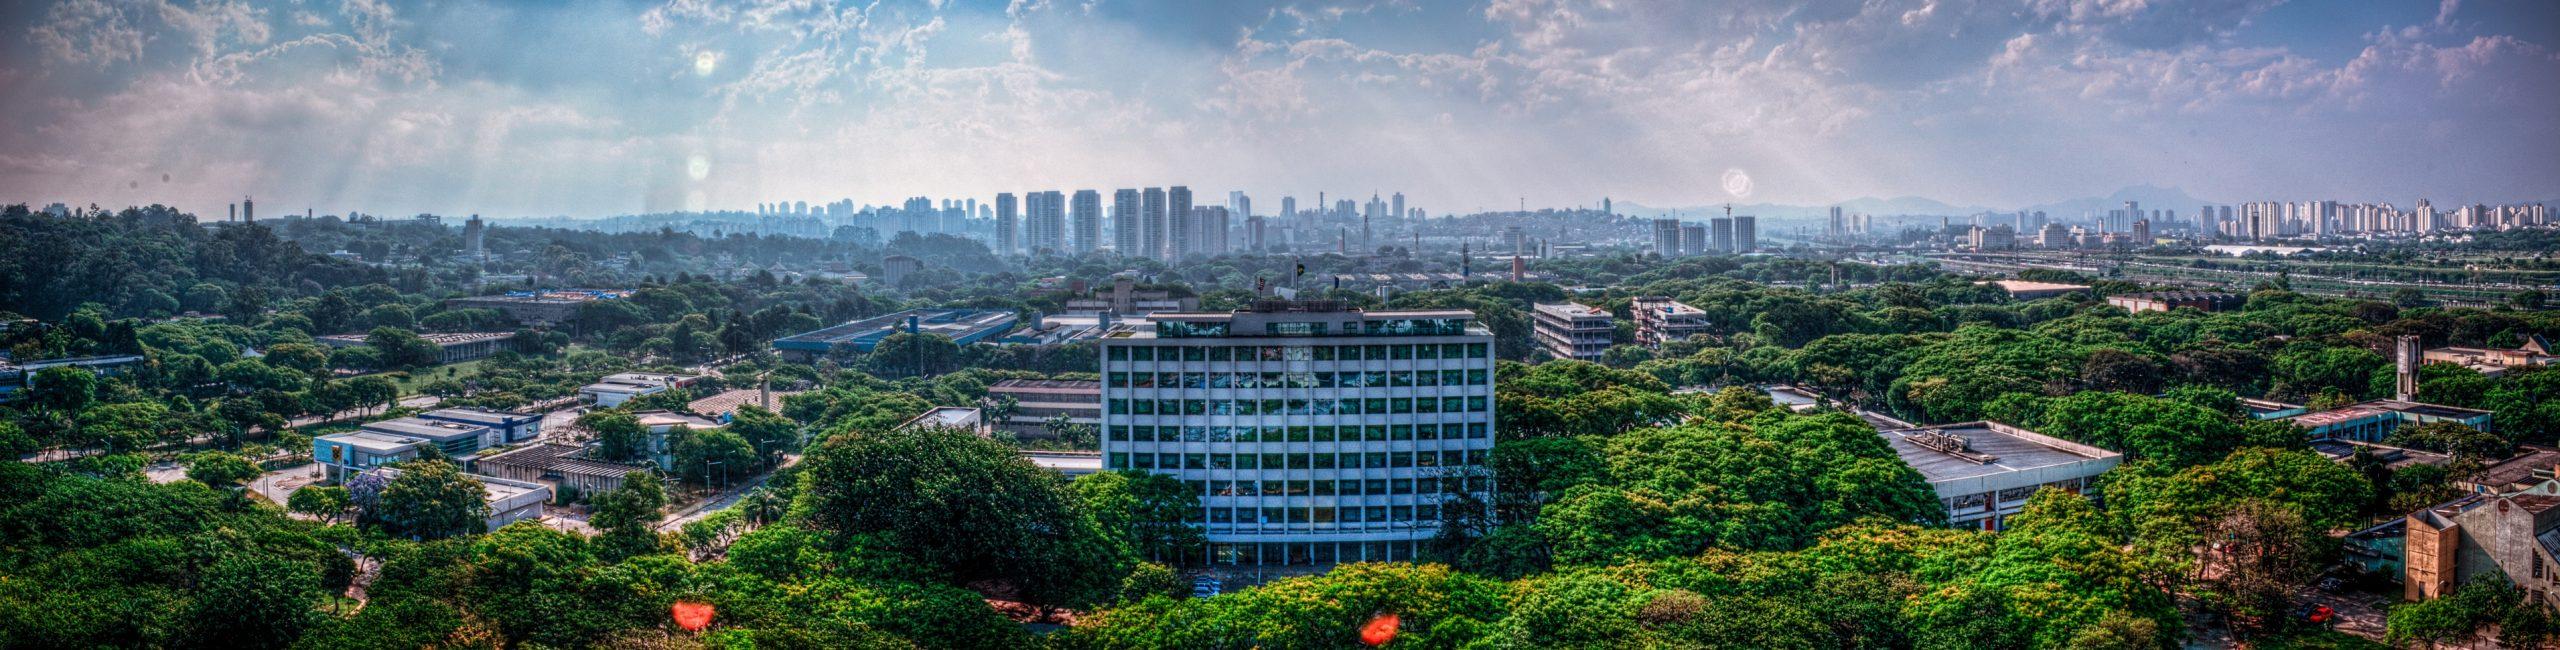 cidadeuniversitaria-scaled